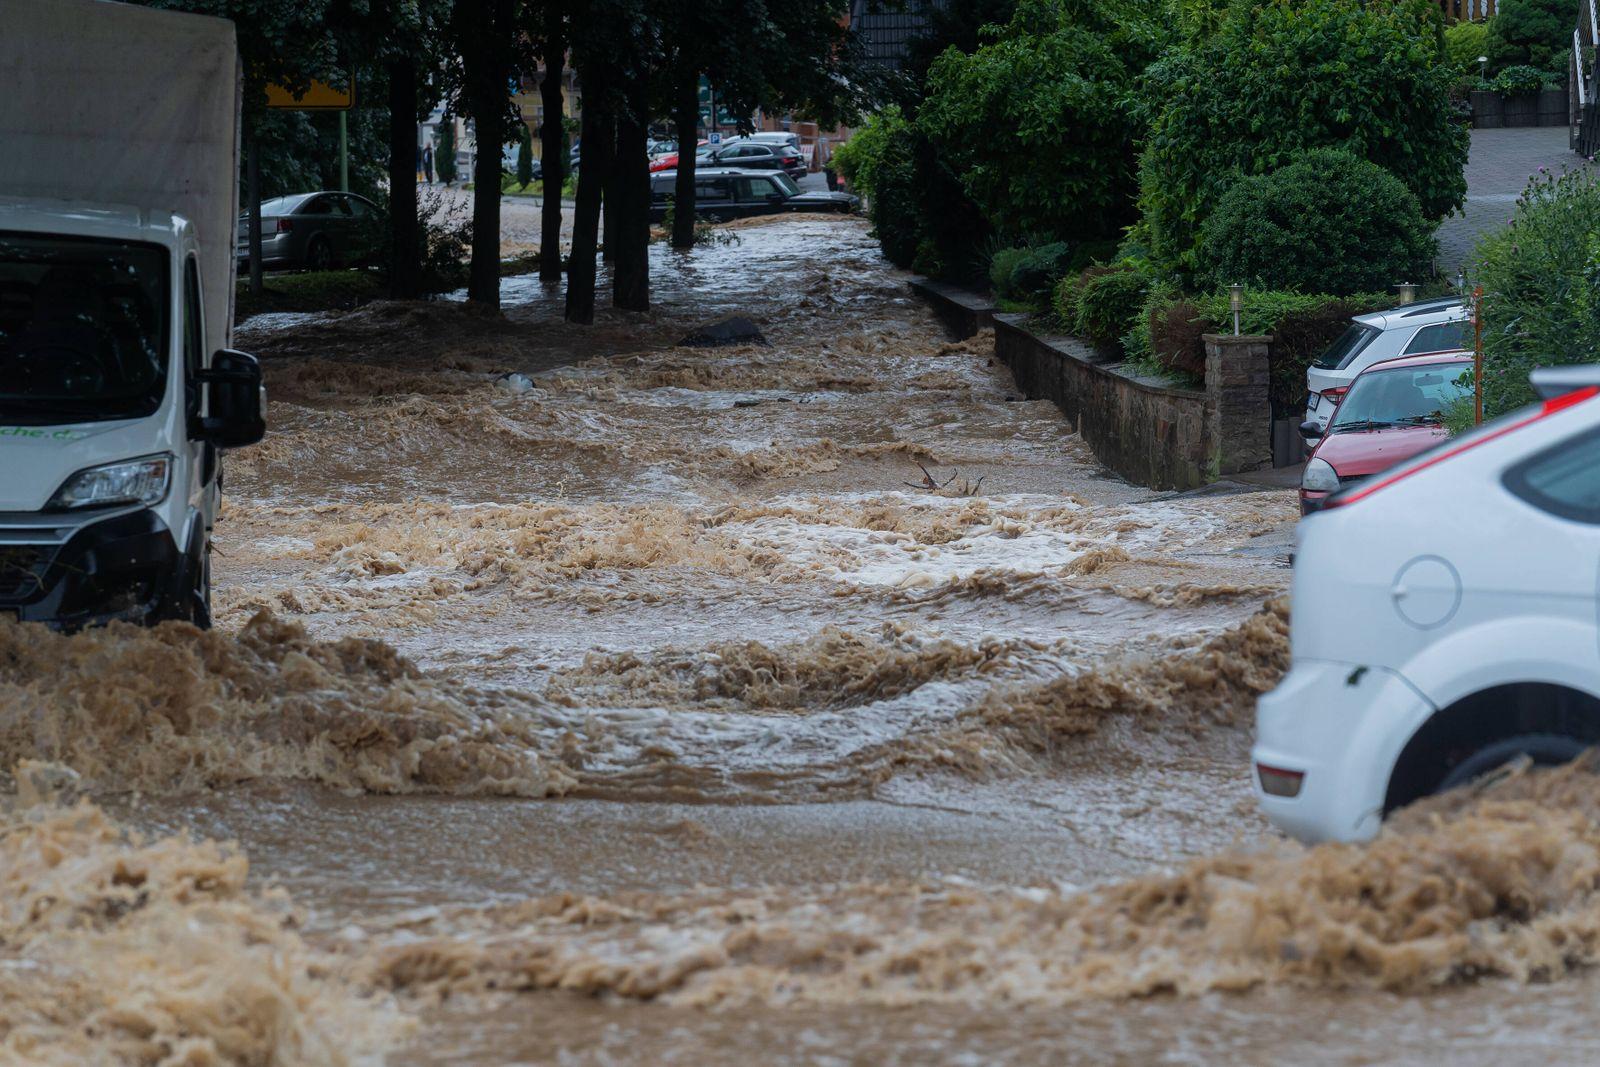 14.07.2021, Hagen, Deutschland, - Sturzfluten fließen eine Straße hinab. *** 14 07 2021, Hagen, Germany, flash floods f